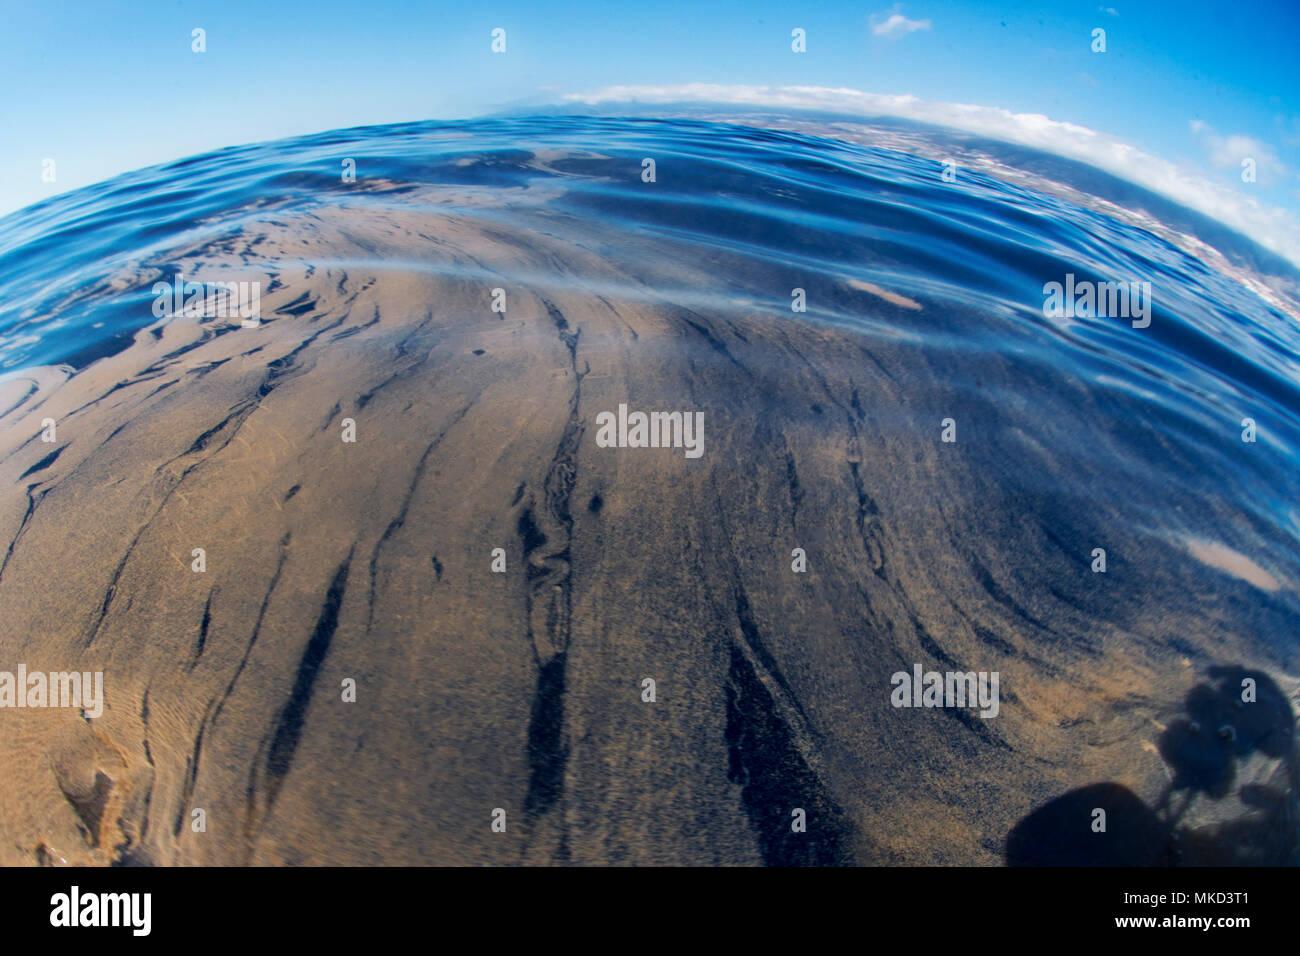 Trichodesmium, également appelé sea sciure (Trichodesmium erythraeumla). Il apparaît massivement dans la surface, le temps de la chaleur. C'est un processus naturel. Tenerife, Canaries. Banque D'Images